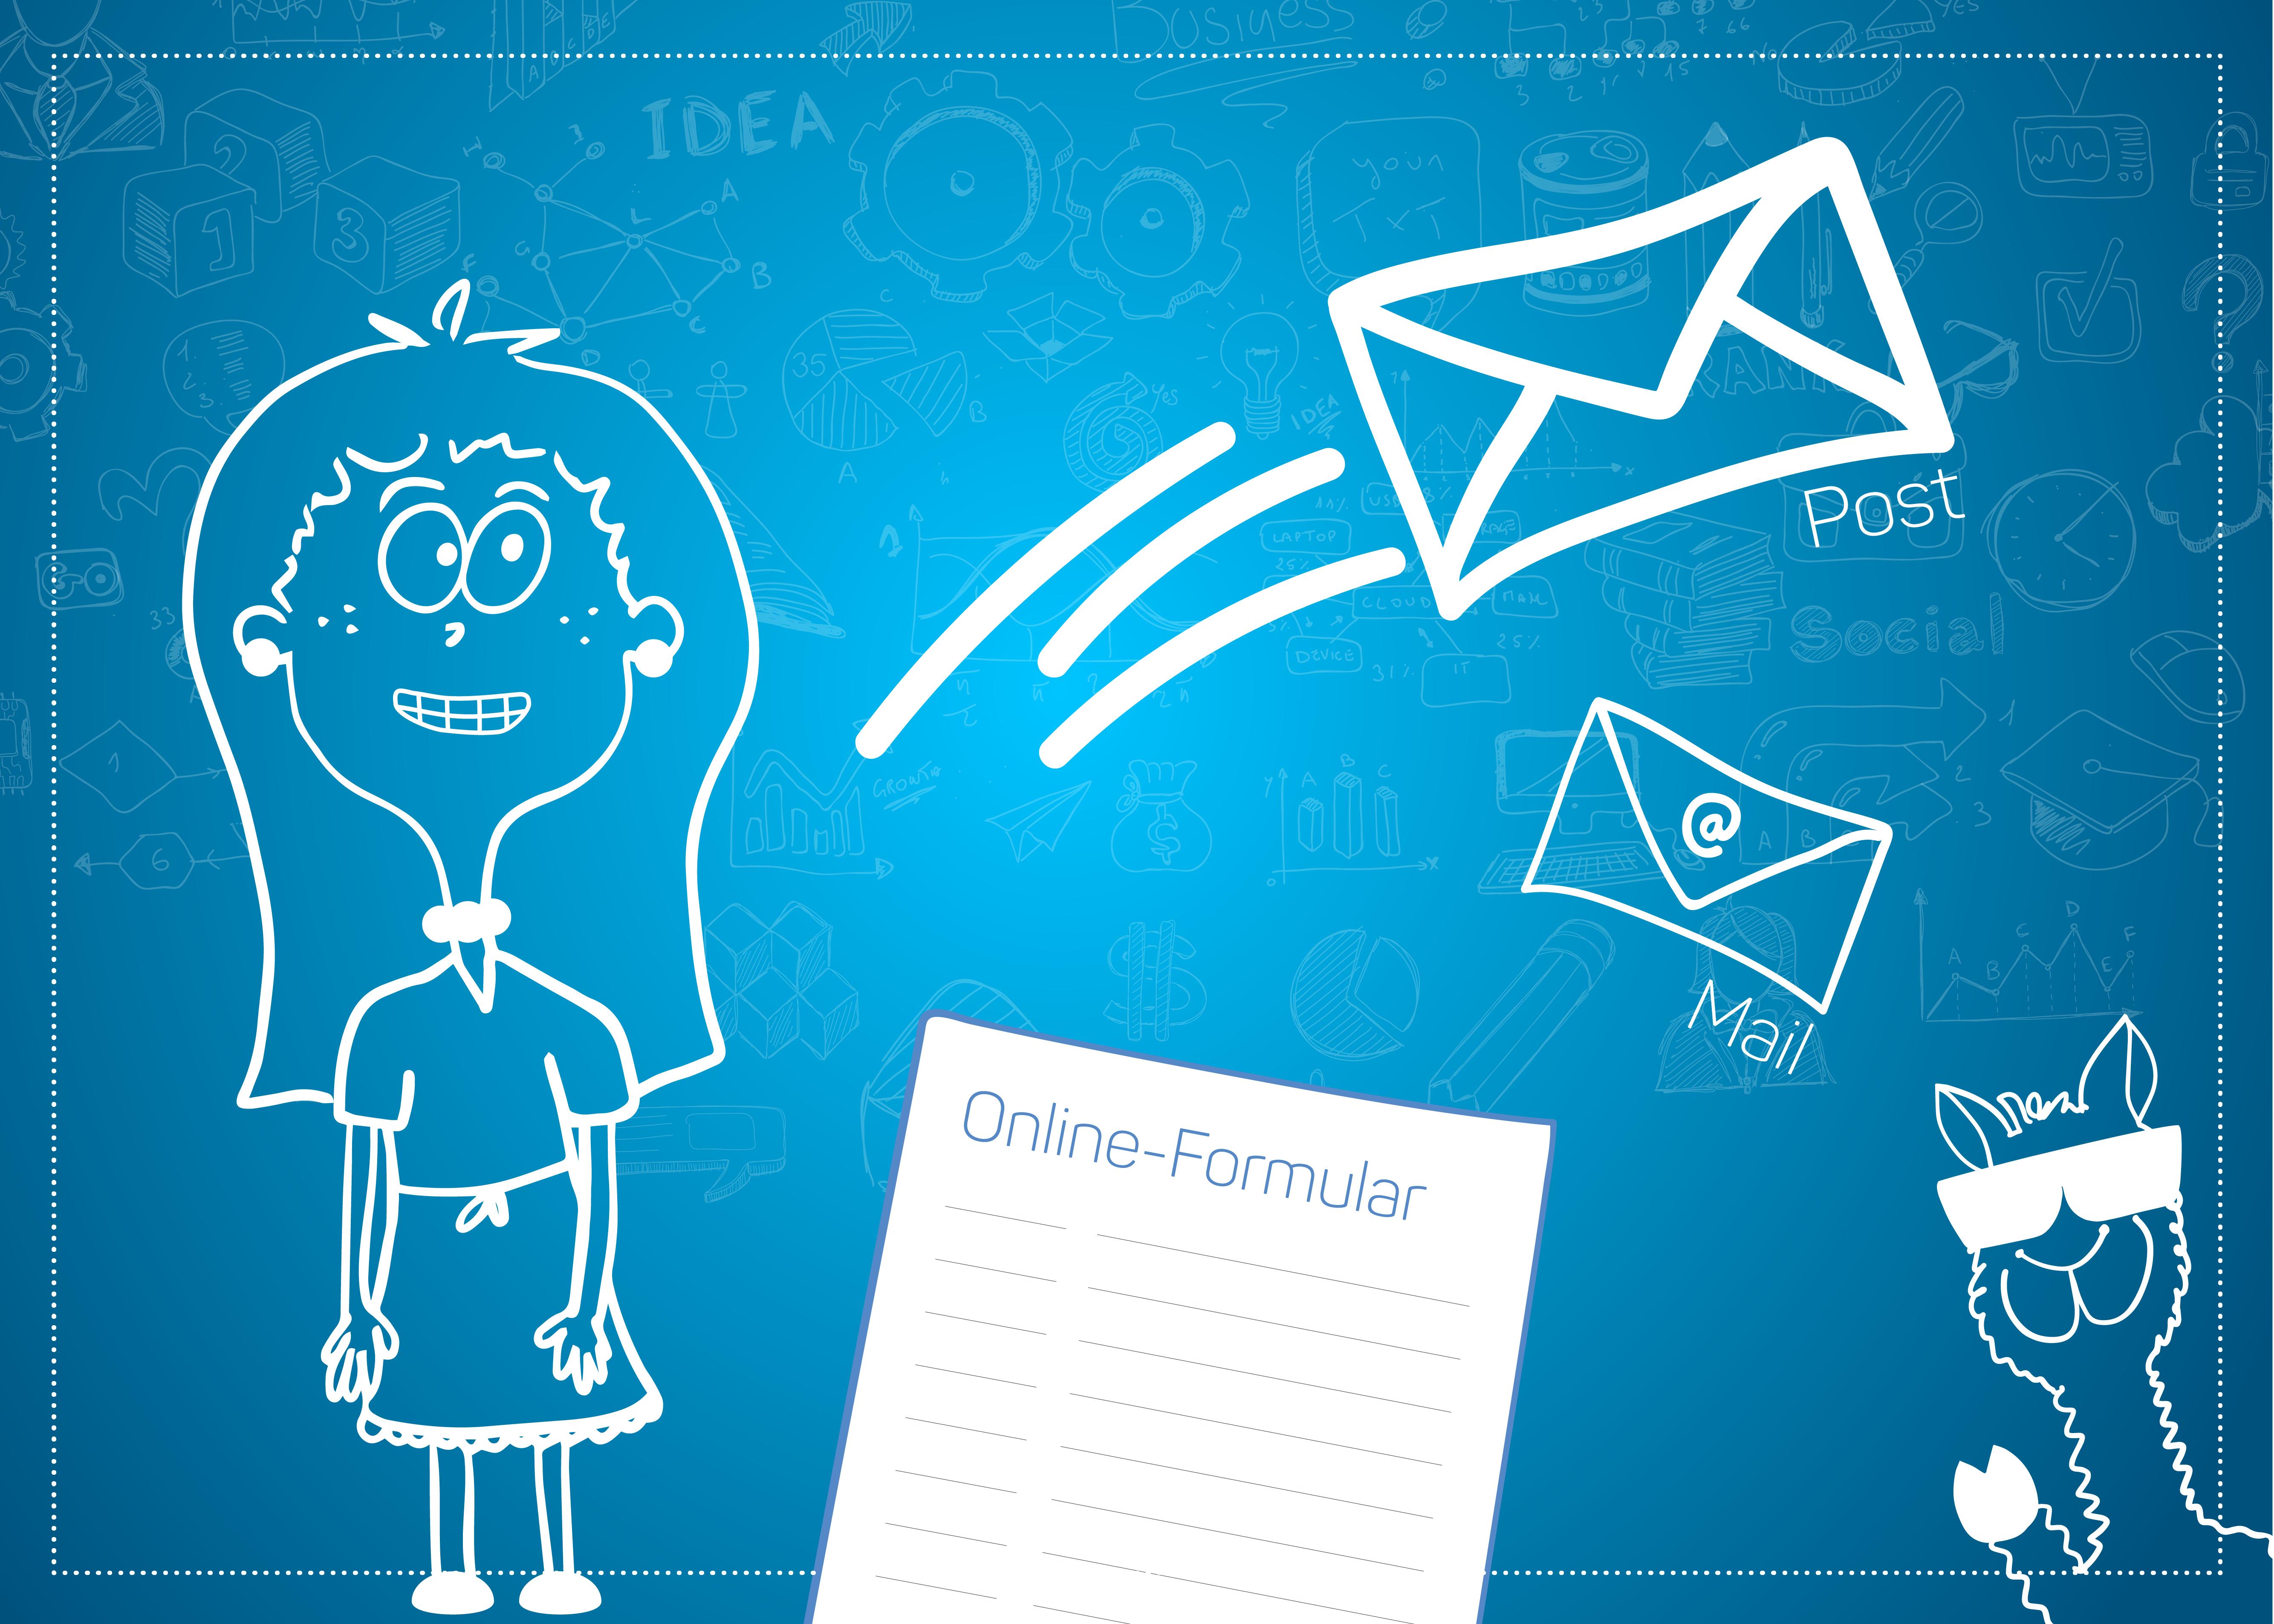 Online, E-Mail, Papierform, Guerilla-Bewerbung. Was ist besser?